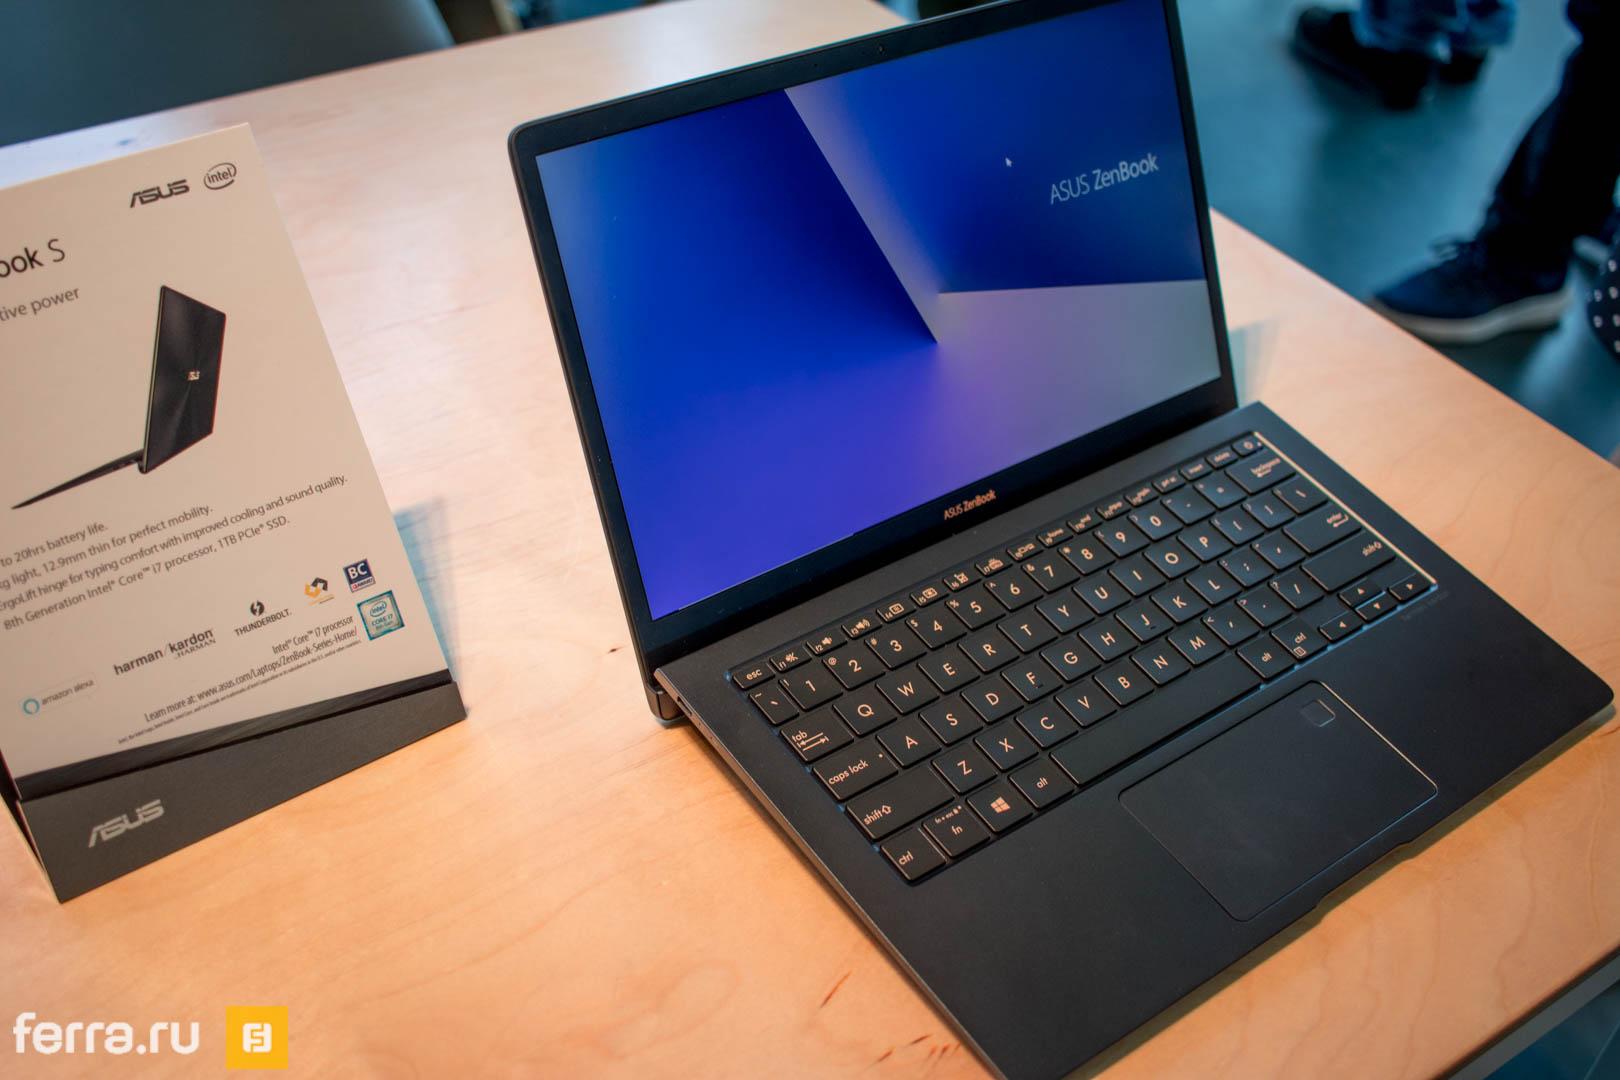 ASUS показала тонкий ноутбук, который работает без подзарядки 20 часов